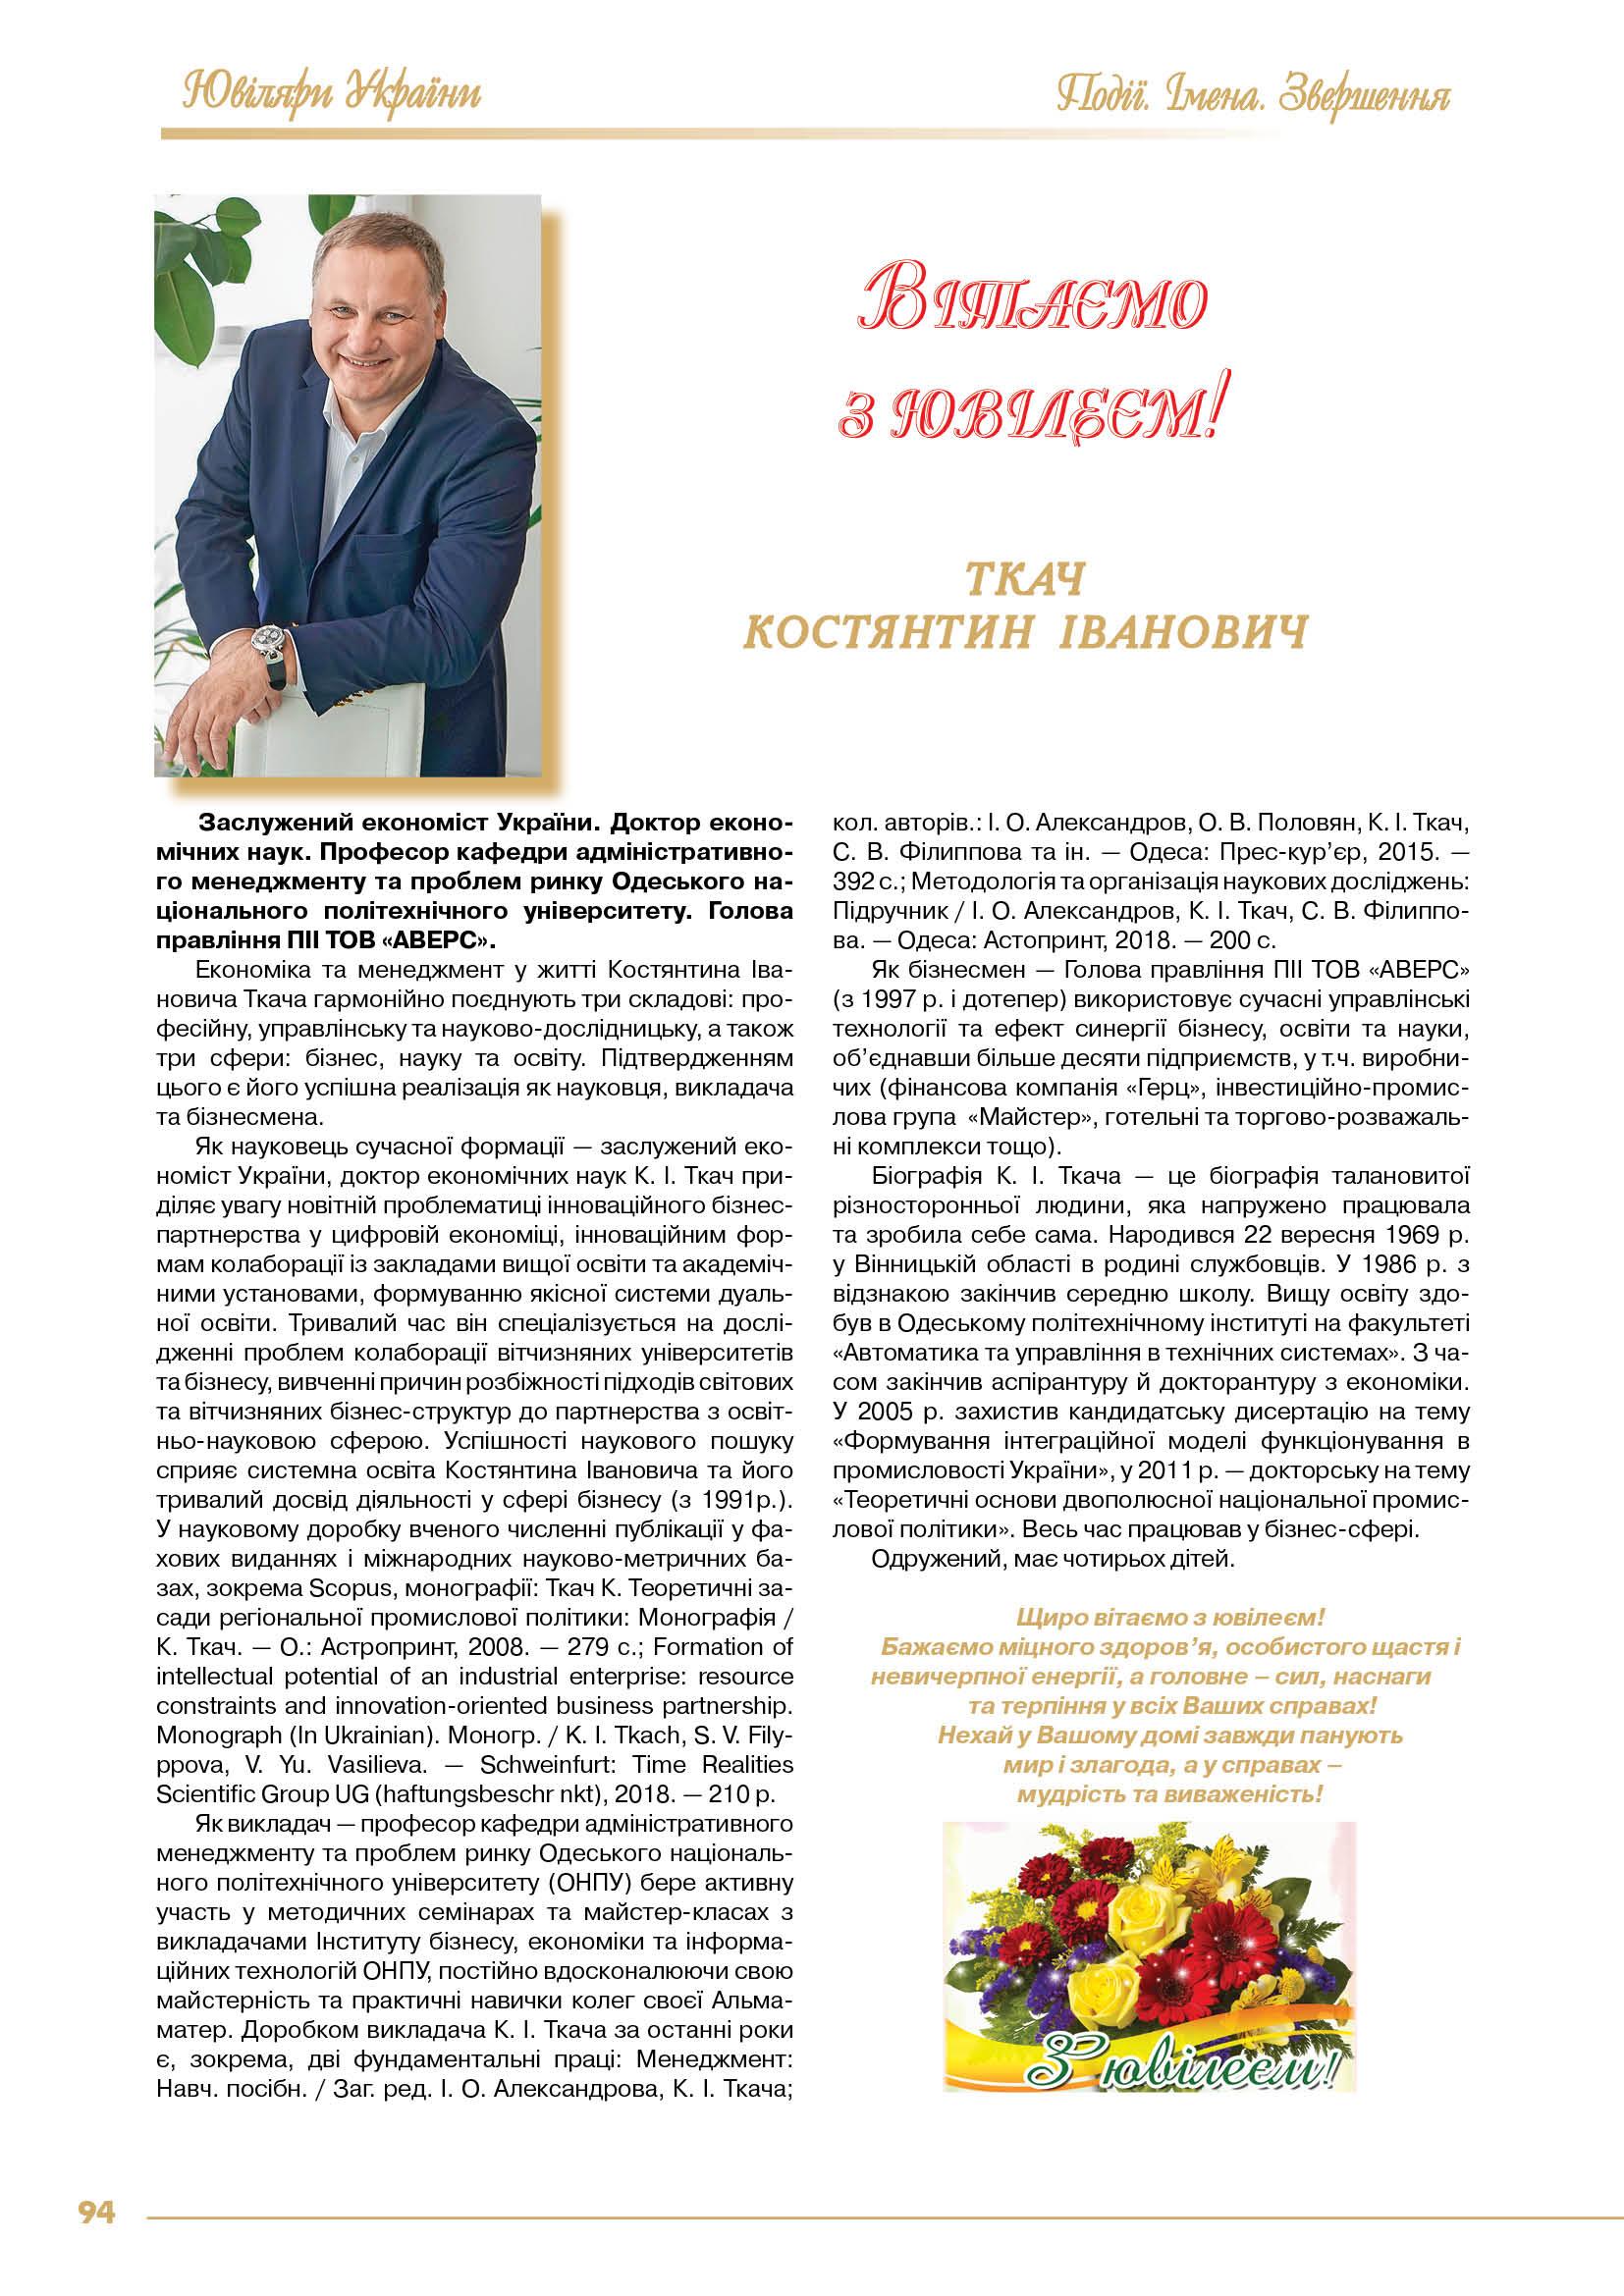 Ткач Костянтин Iванович